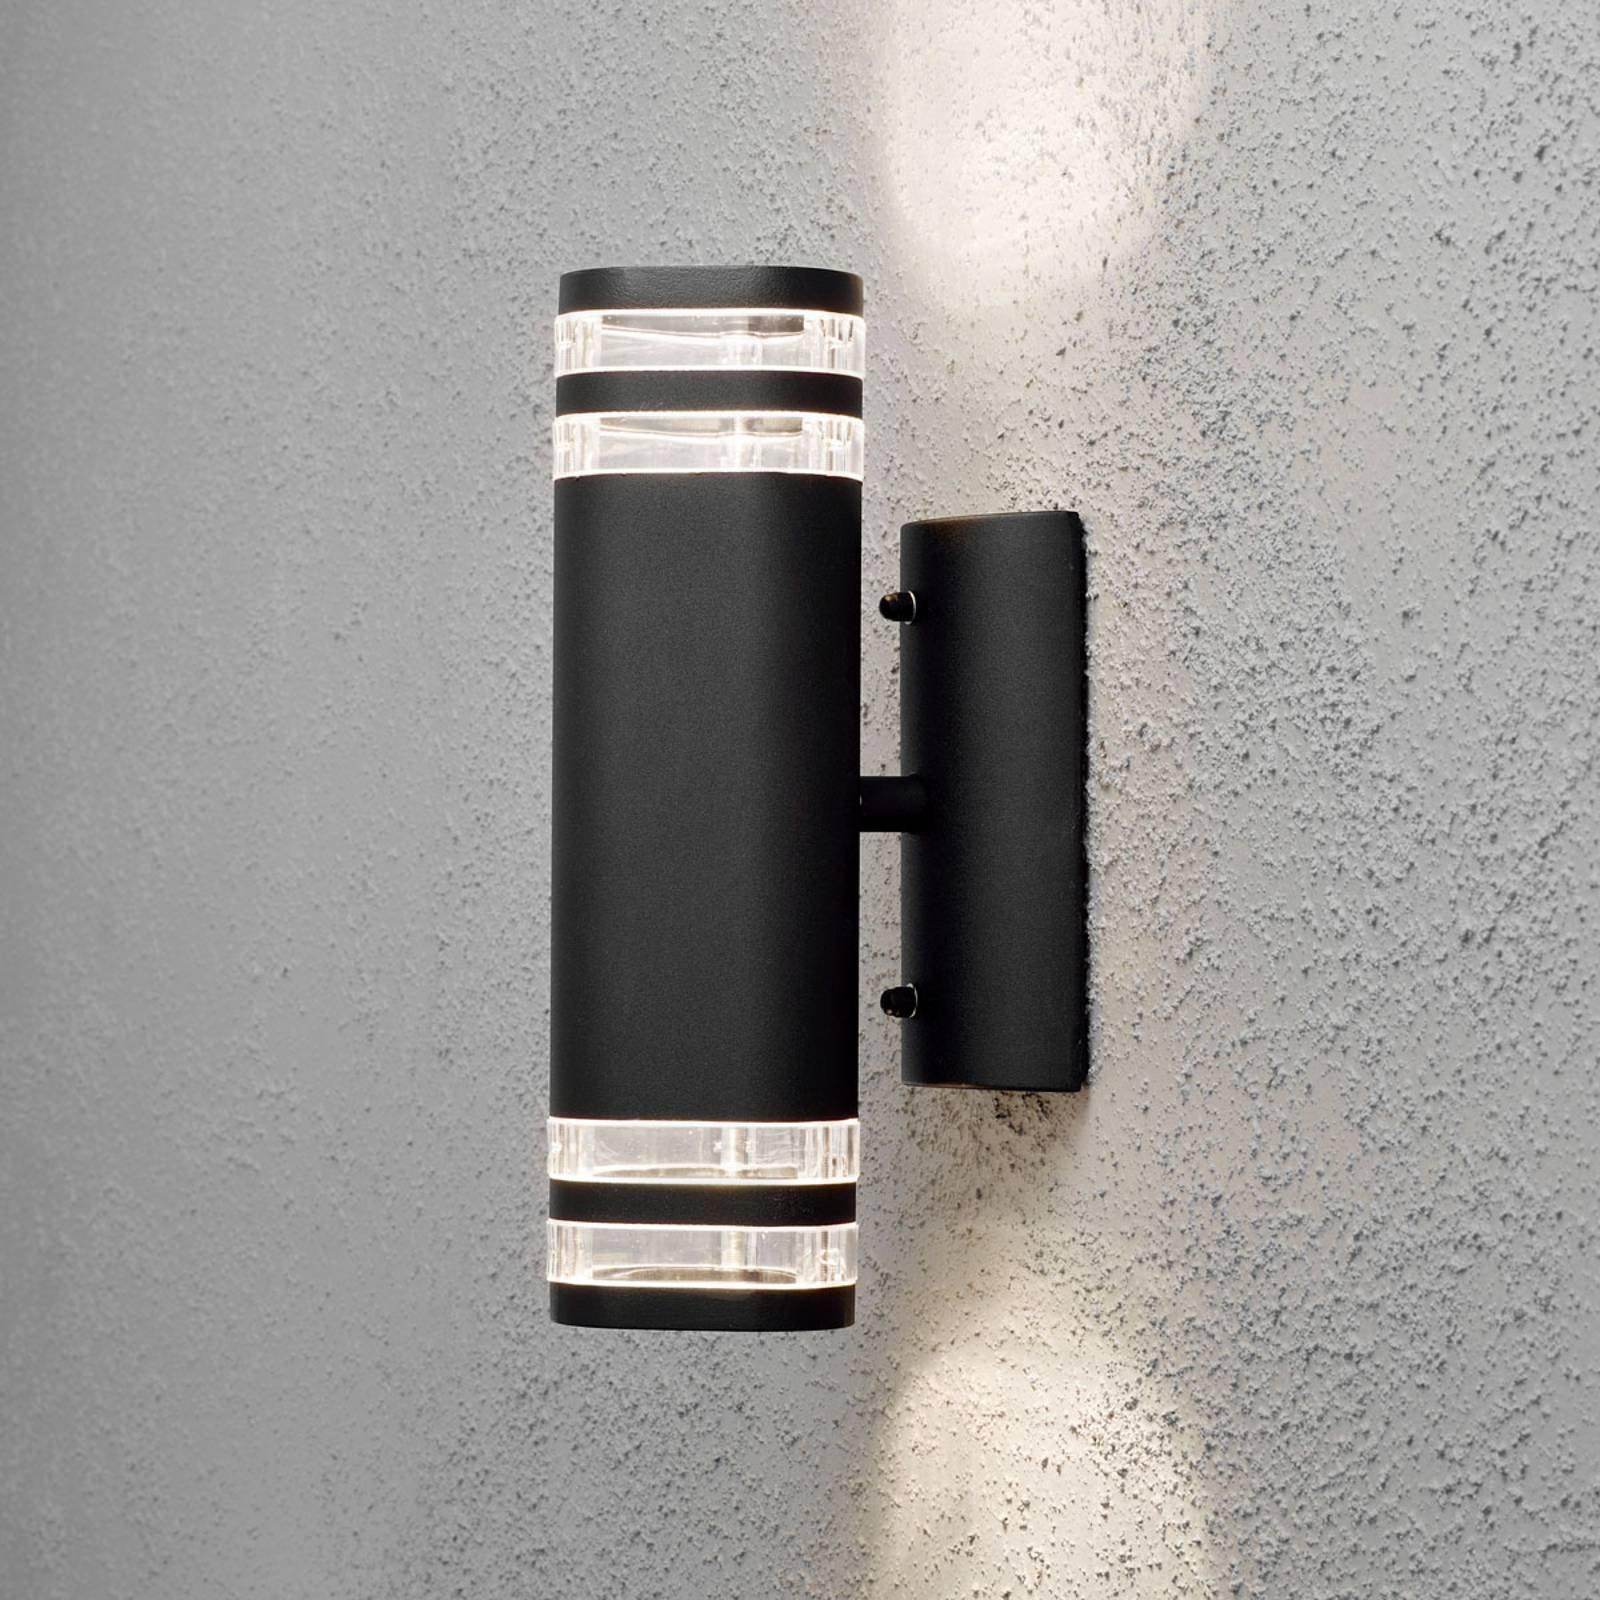 Modena utendørs vegglampe, 2 lyskilder, svart